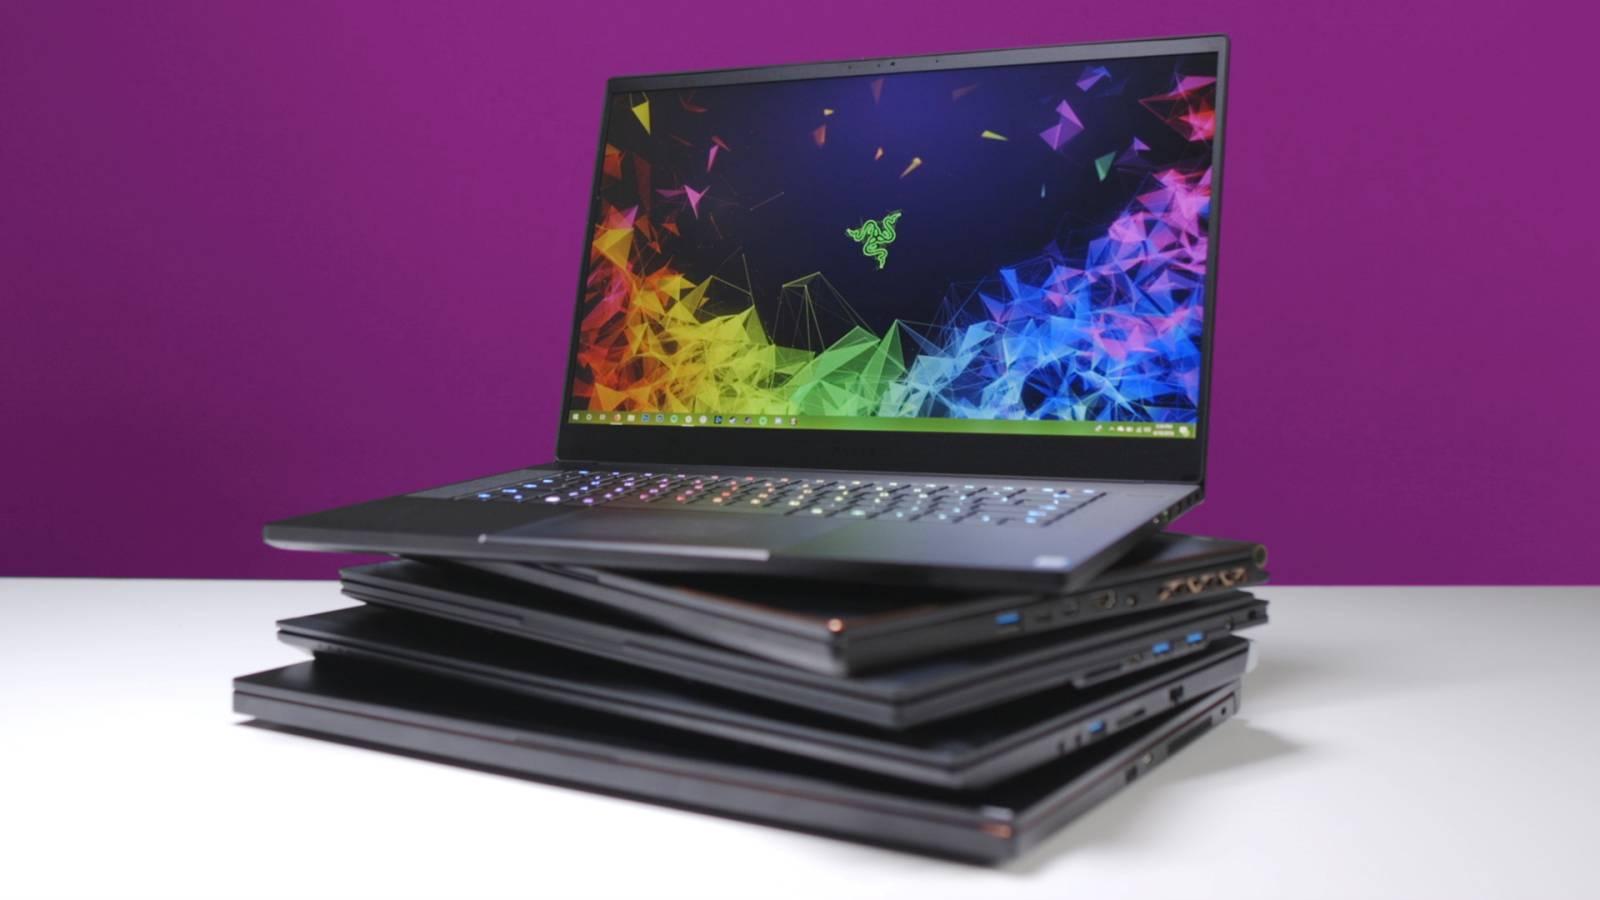 eMAG 5100 LEI Reducere Laptop Profita Oferte